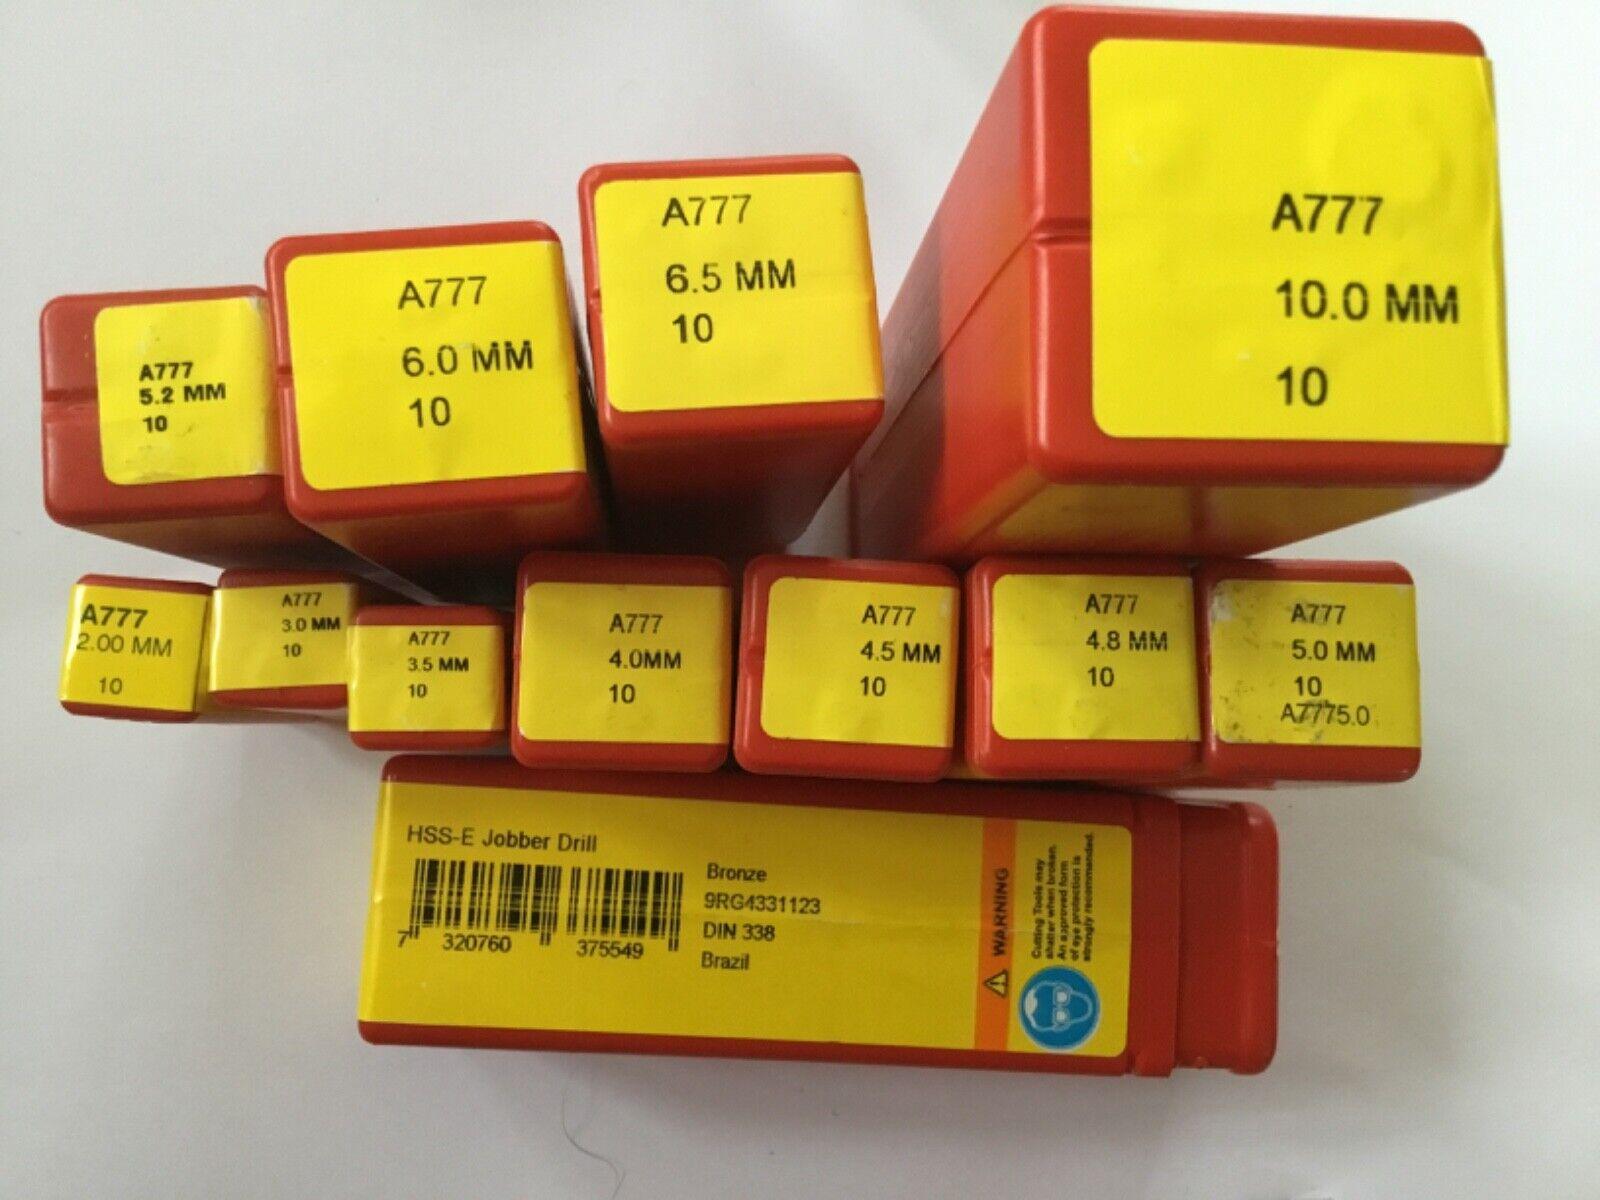 Dormer Cobalt Heavy Duty A777 HSco Jobber Drills (Metric) + presto NEW